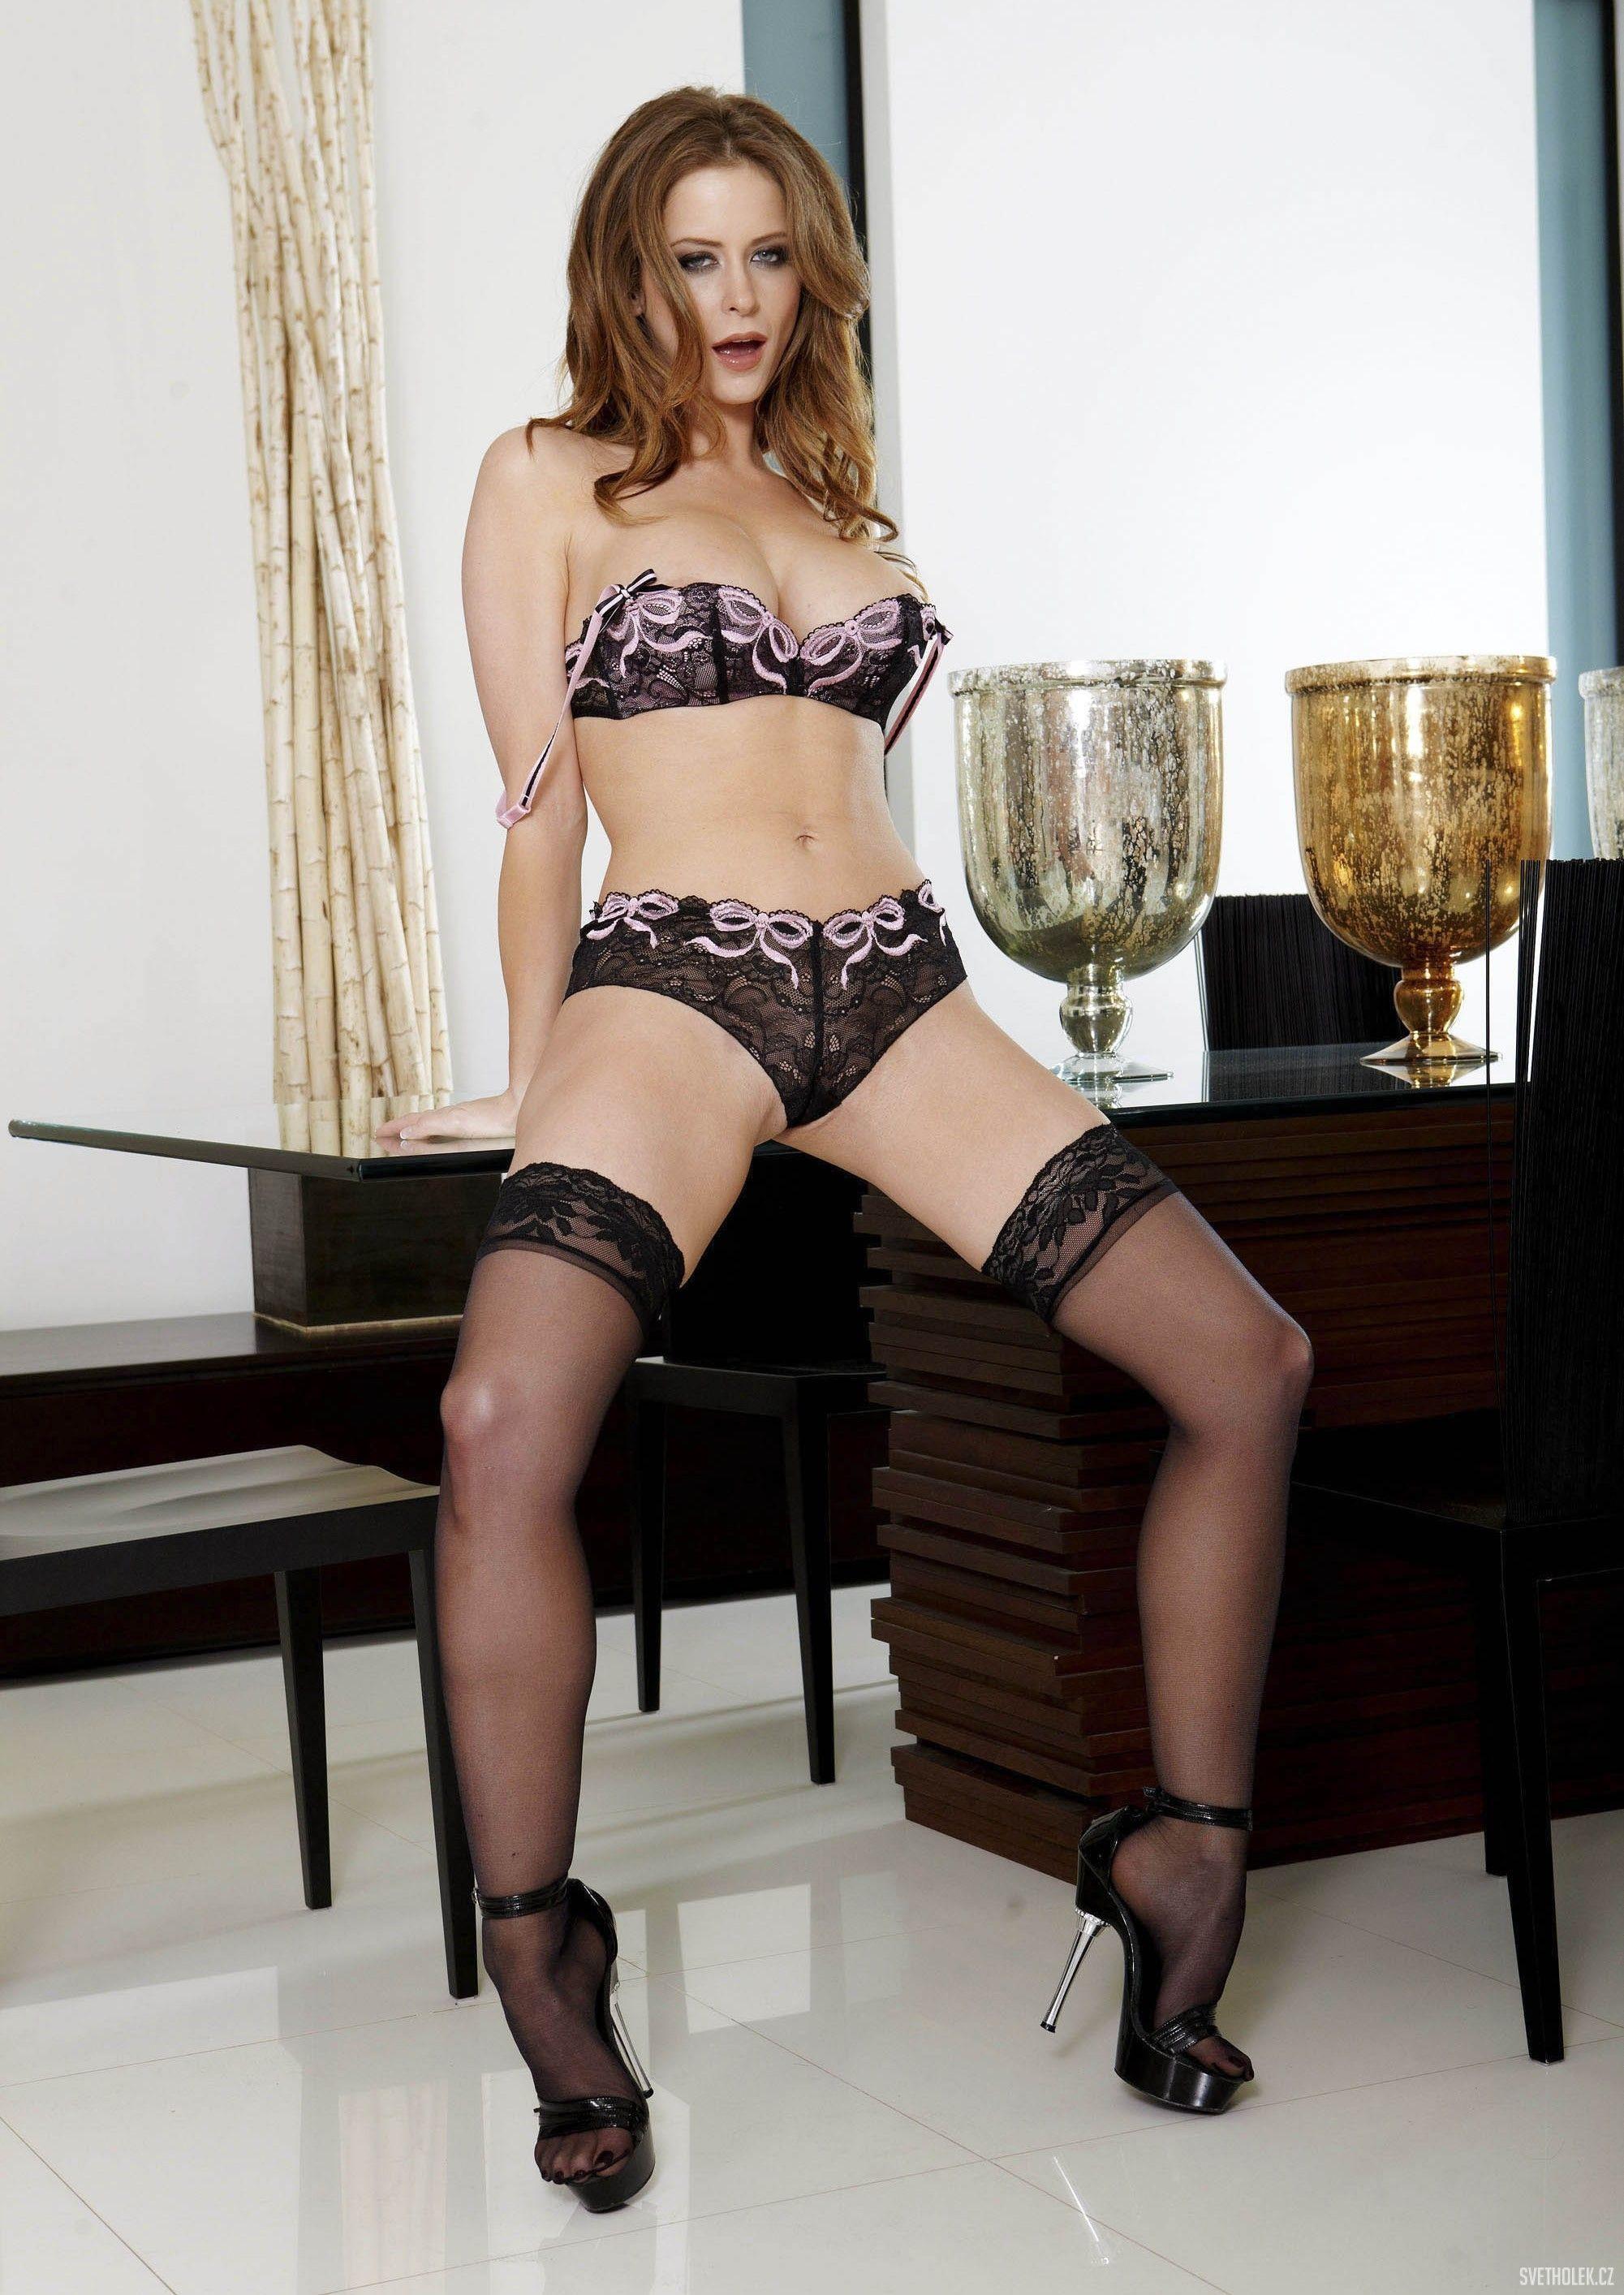 Emily addison lingerie stockings 8 hot girls for Emily addison nyc